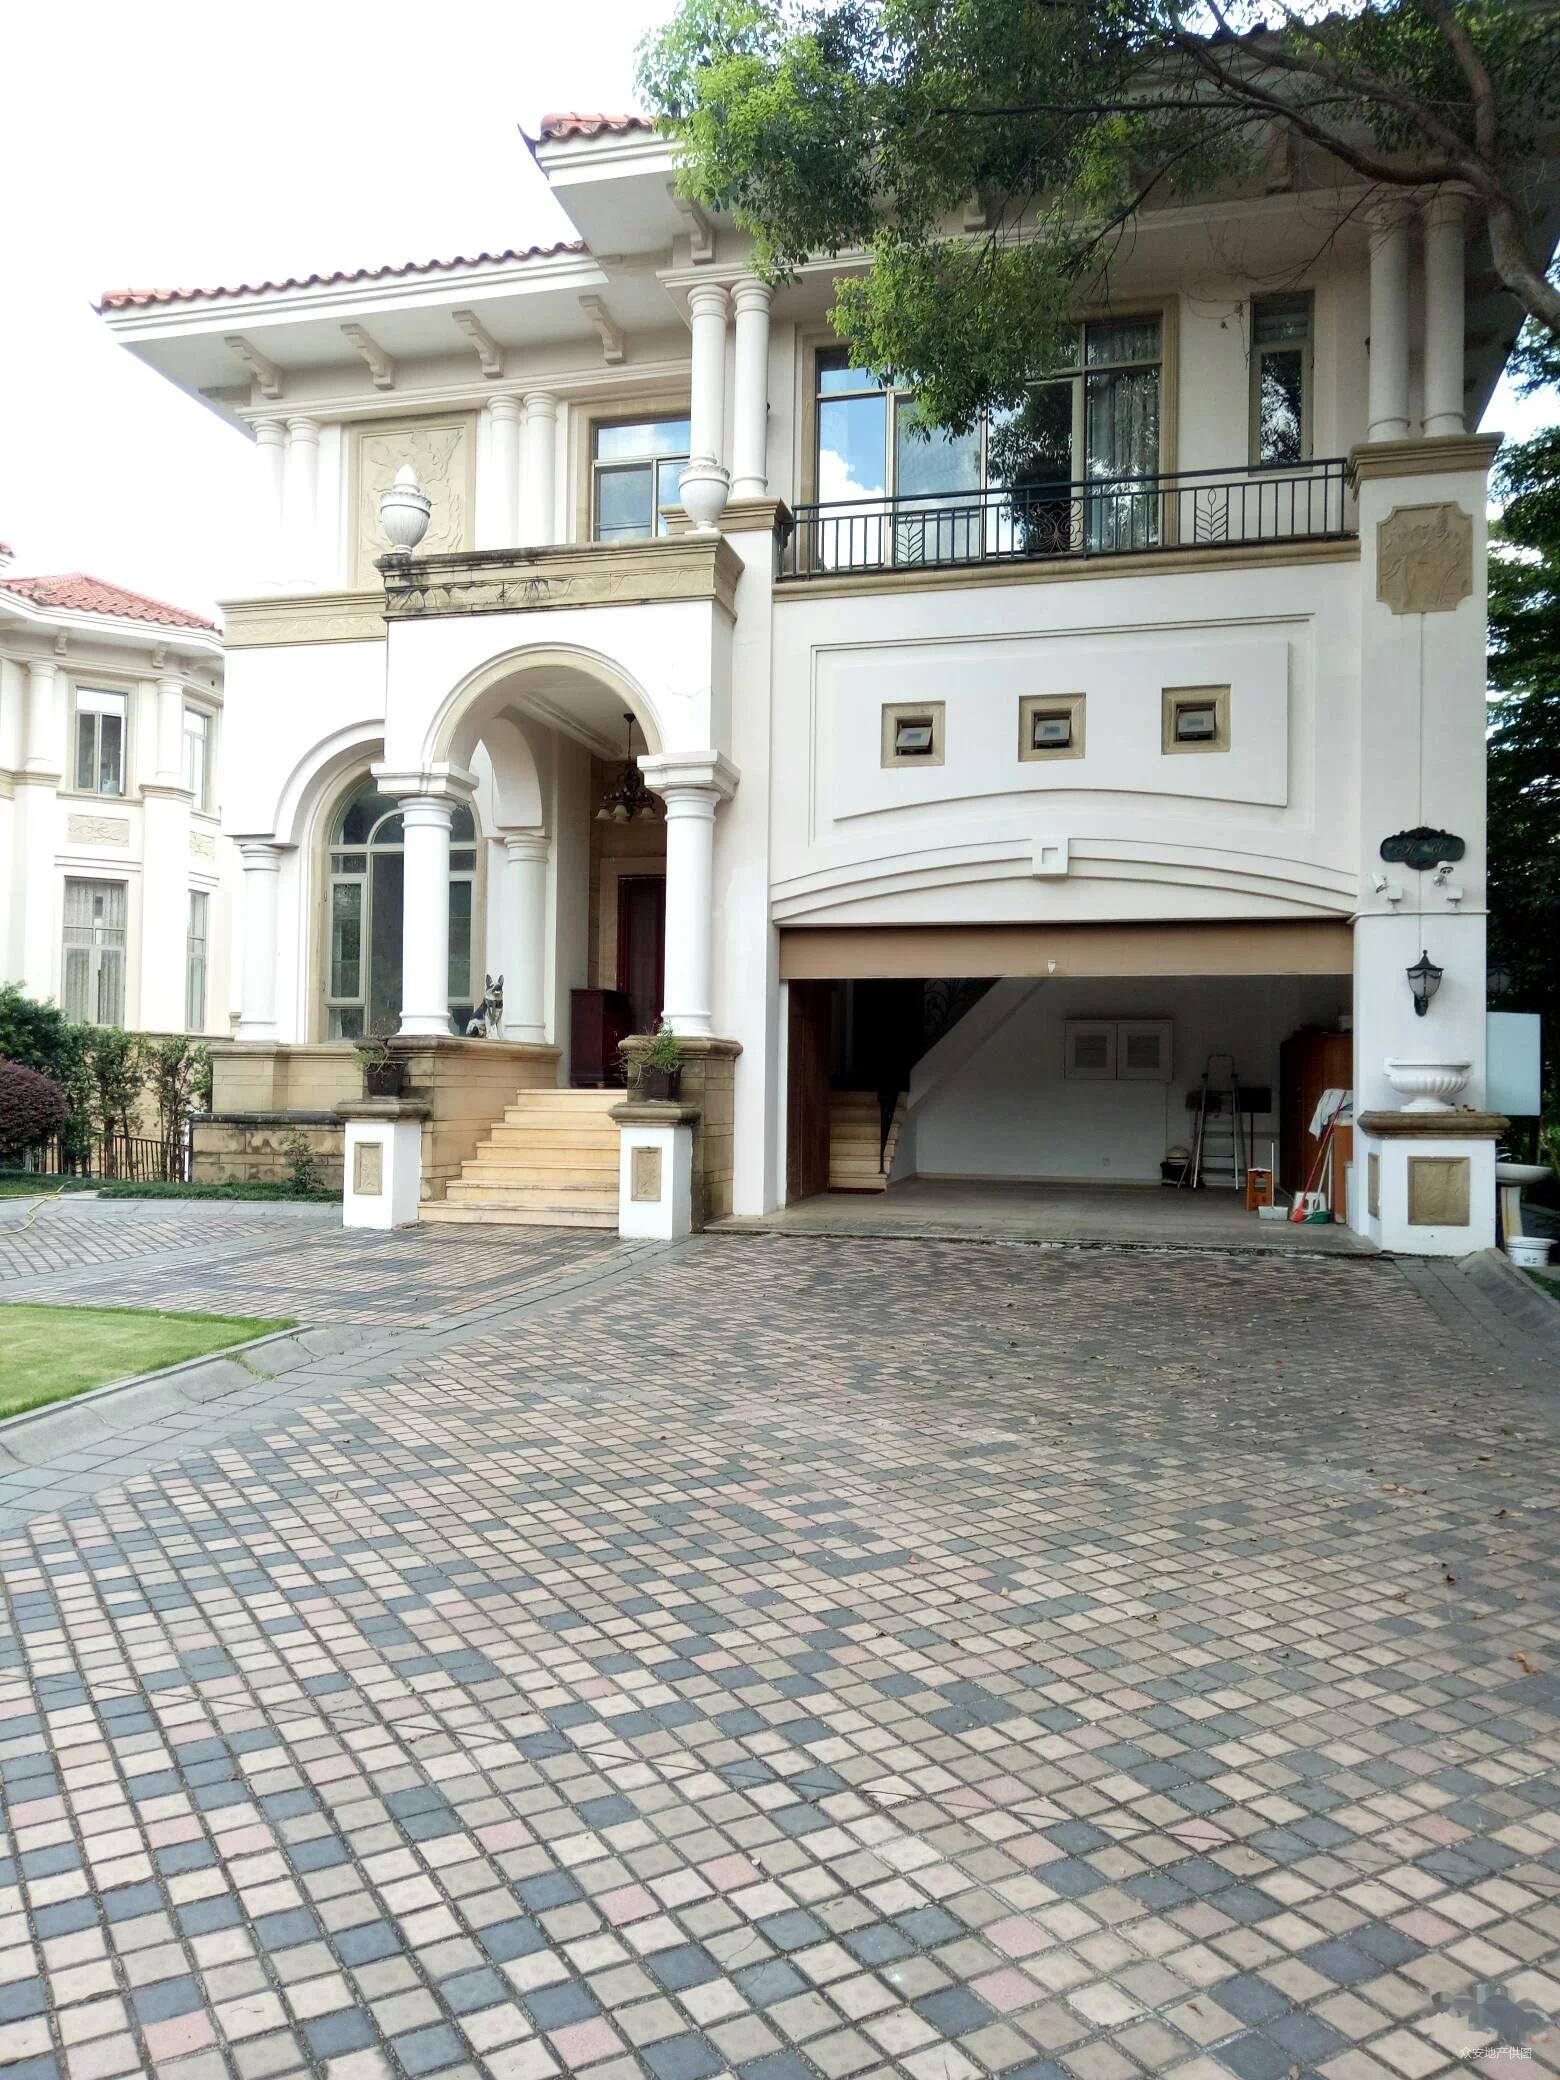 芬兰别墅独栋产权,一本证,拎包高尔夫房价,奢华装修一线即住别墅深圳景观图片